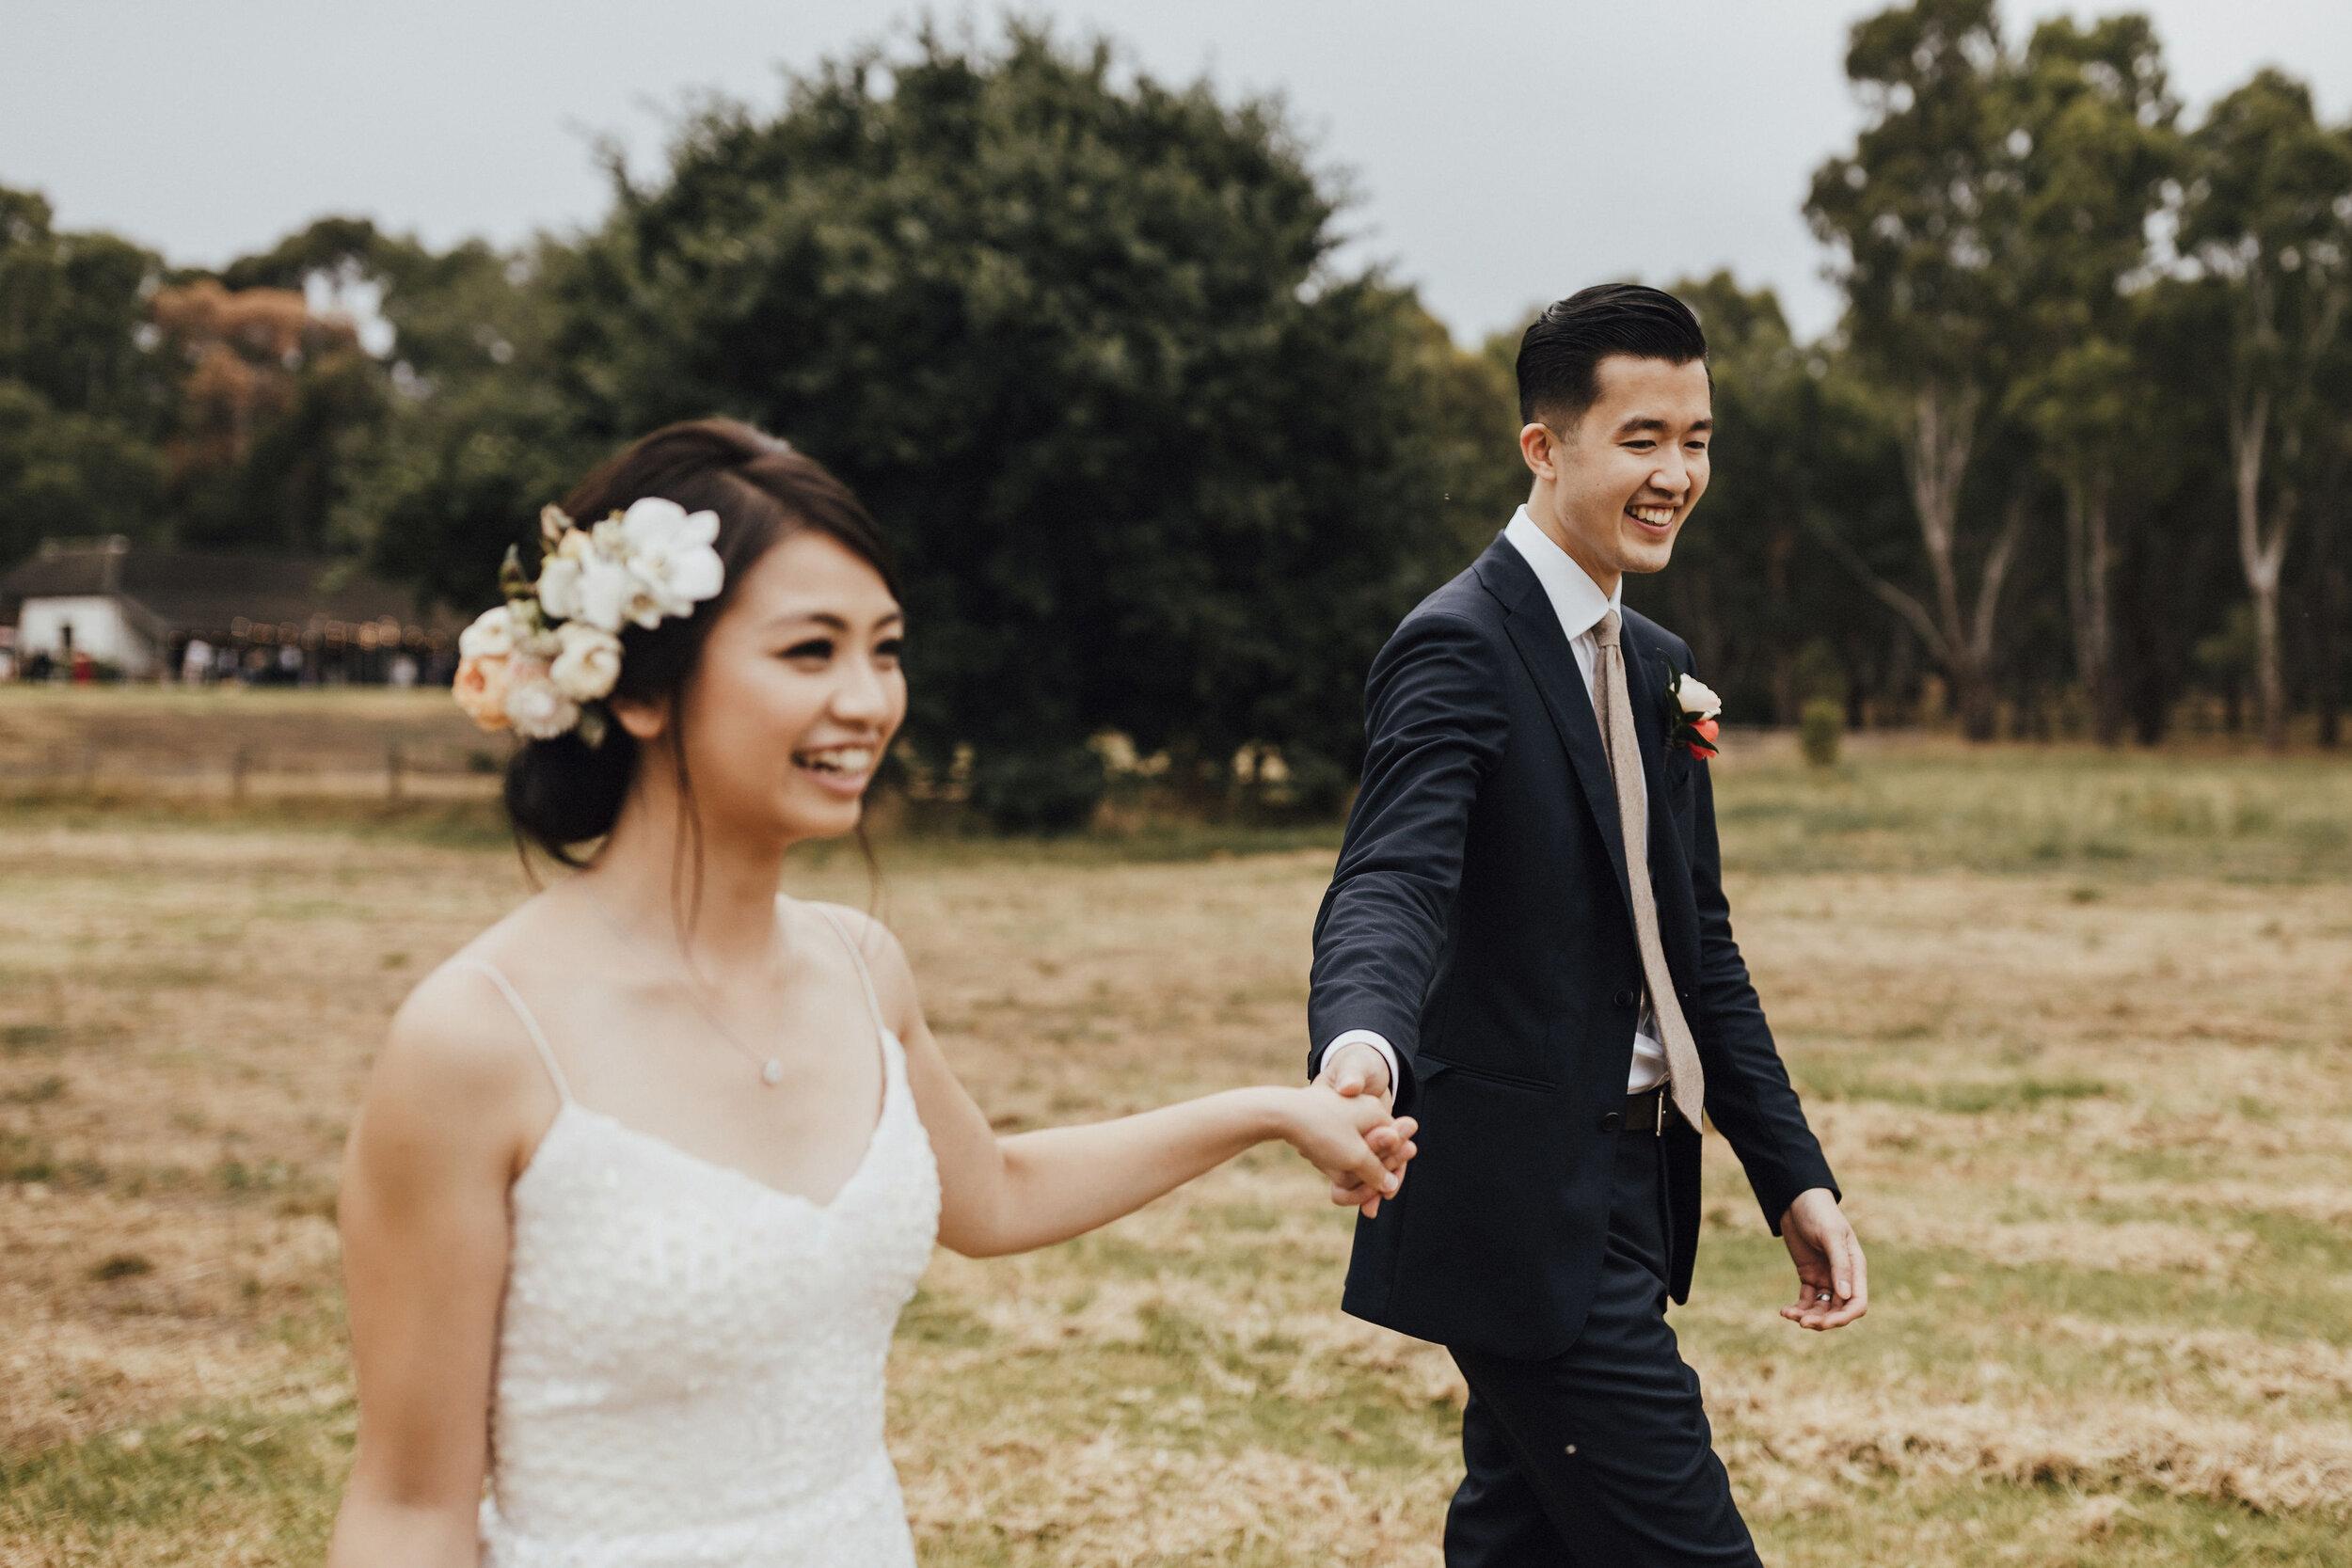 Amy-Jac-wedding-0574.JPG